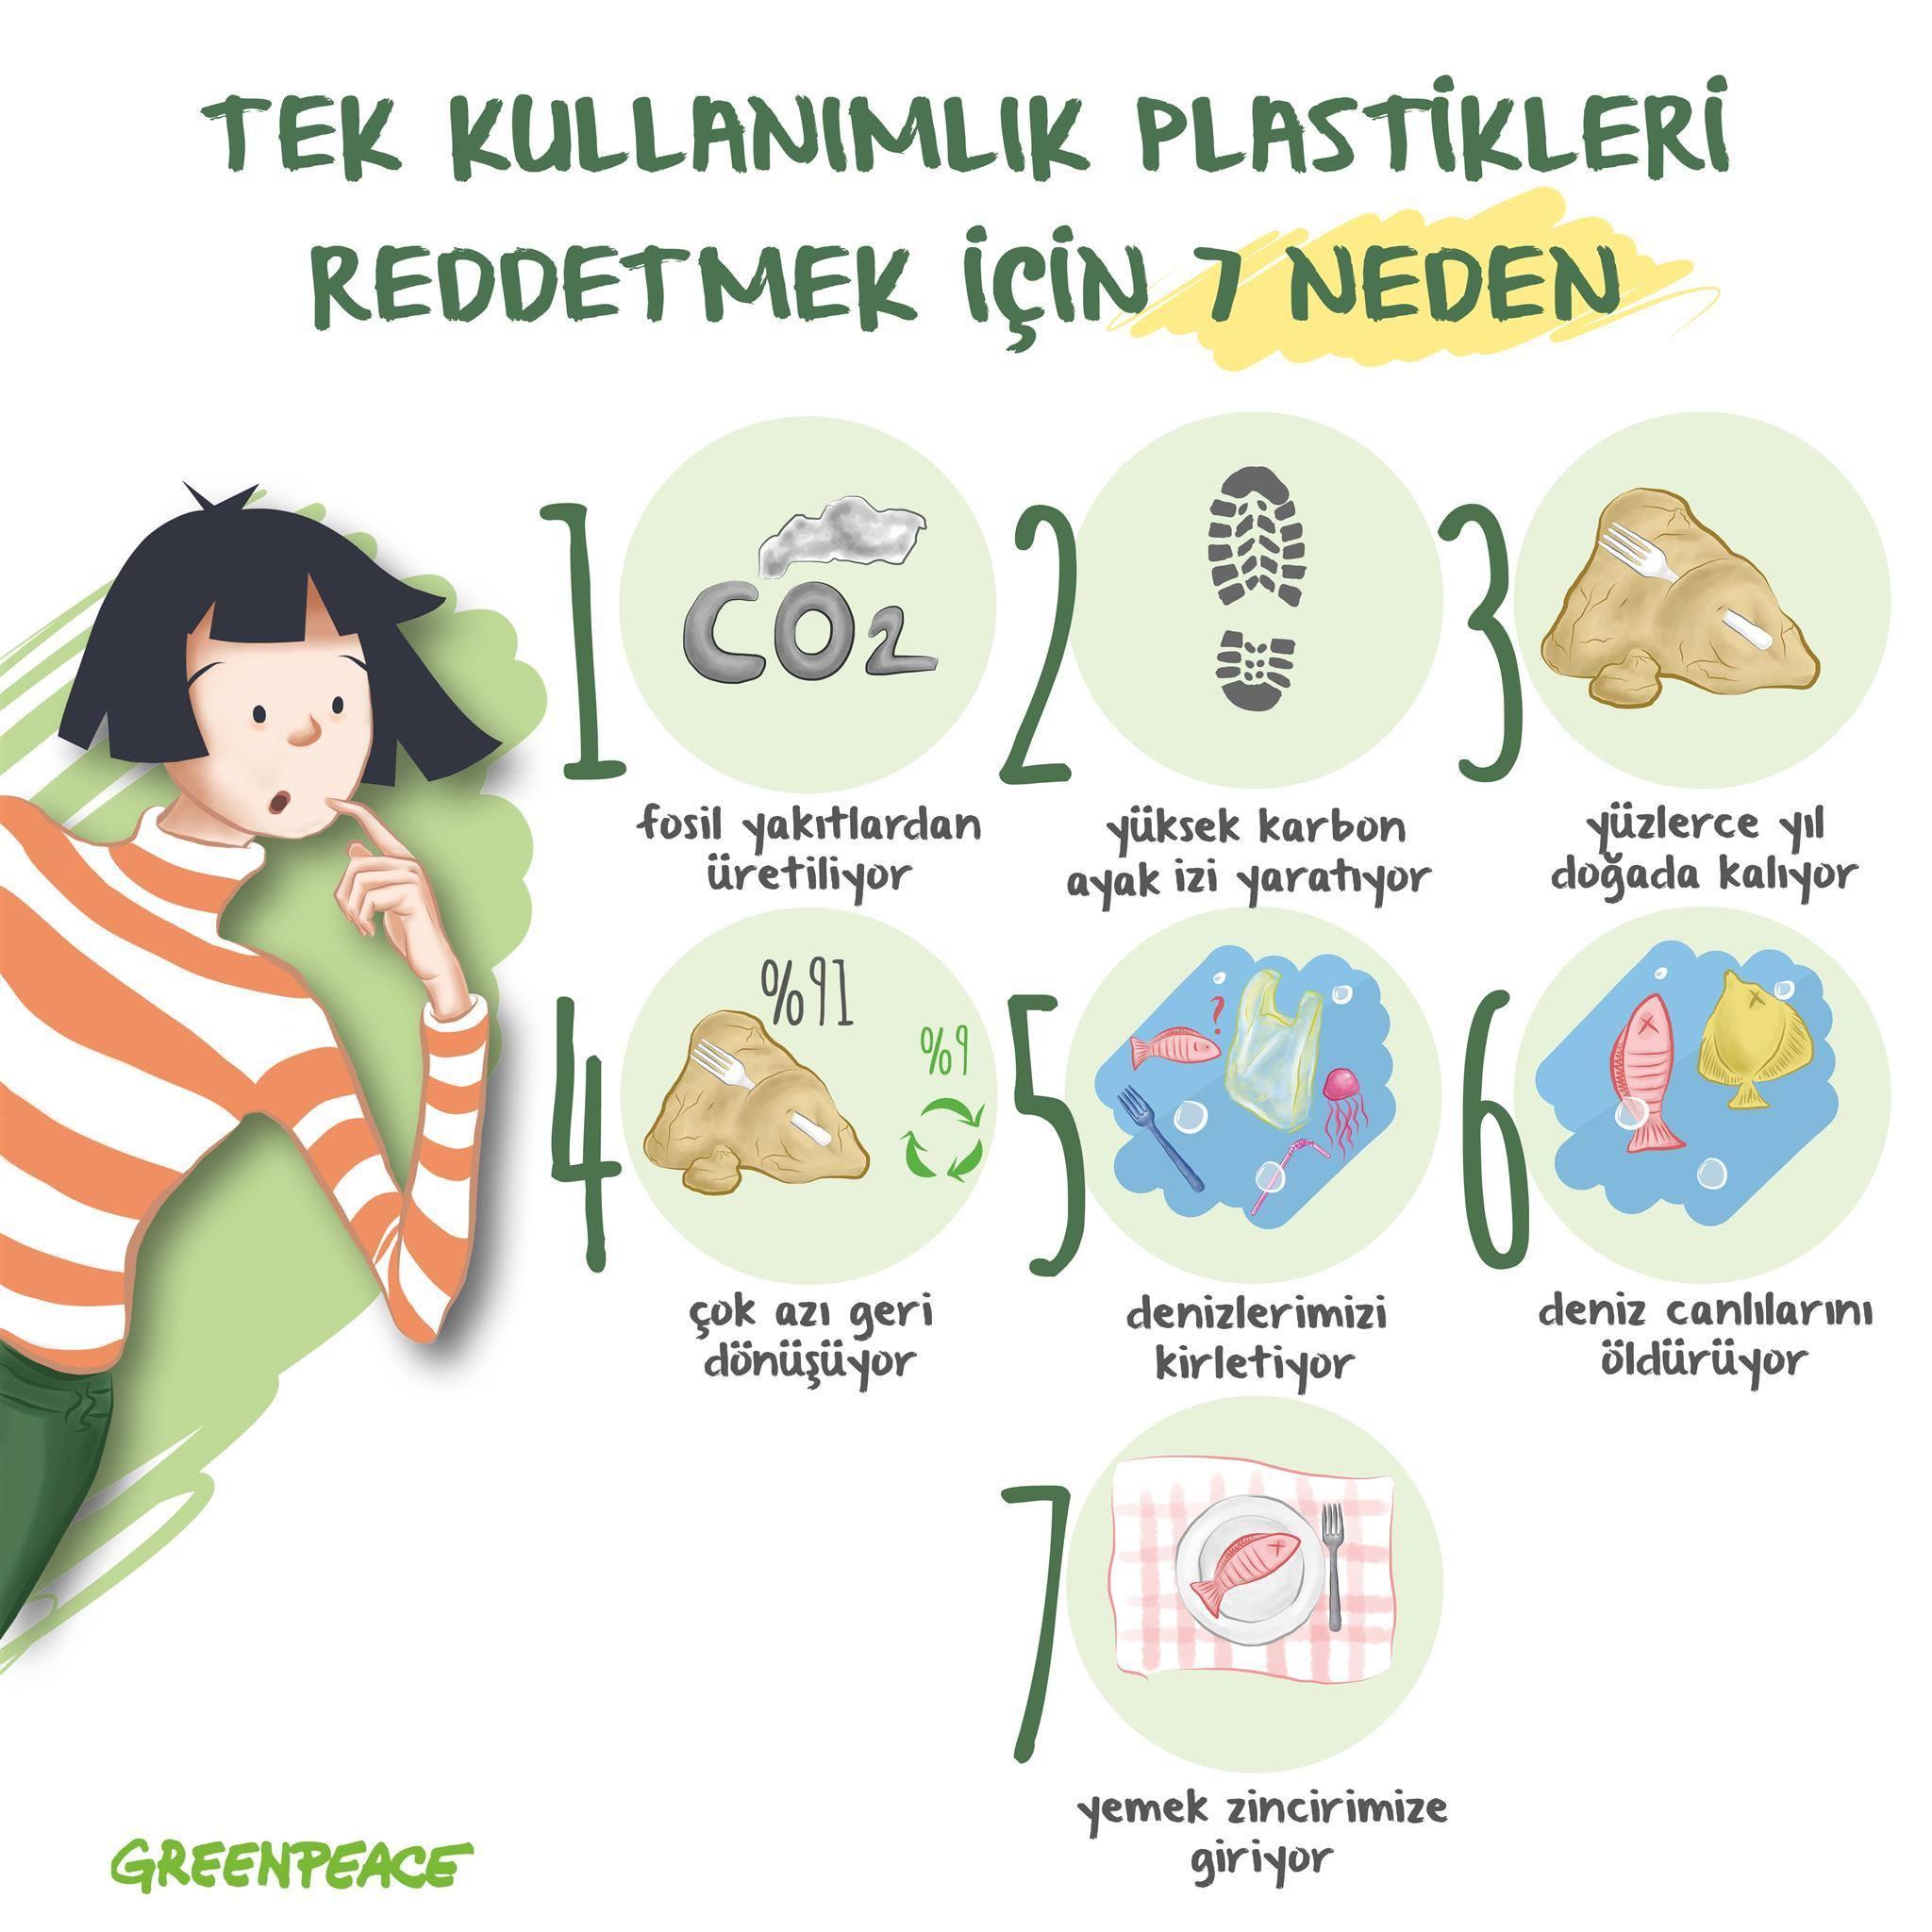 Tek kullanımlık plastiklere hayır de!